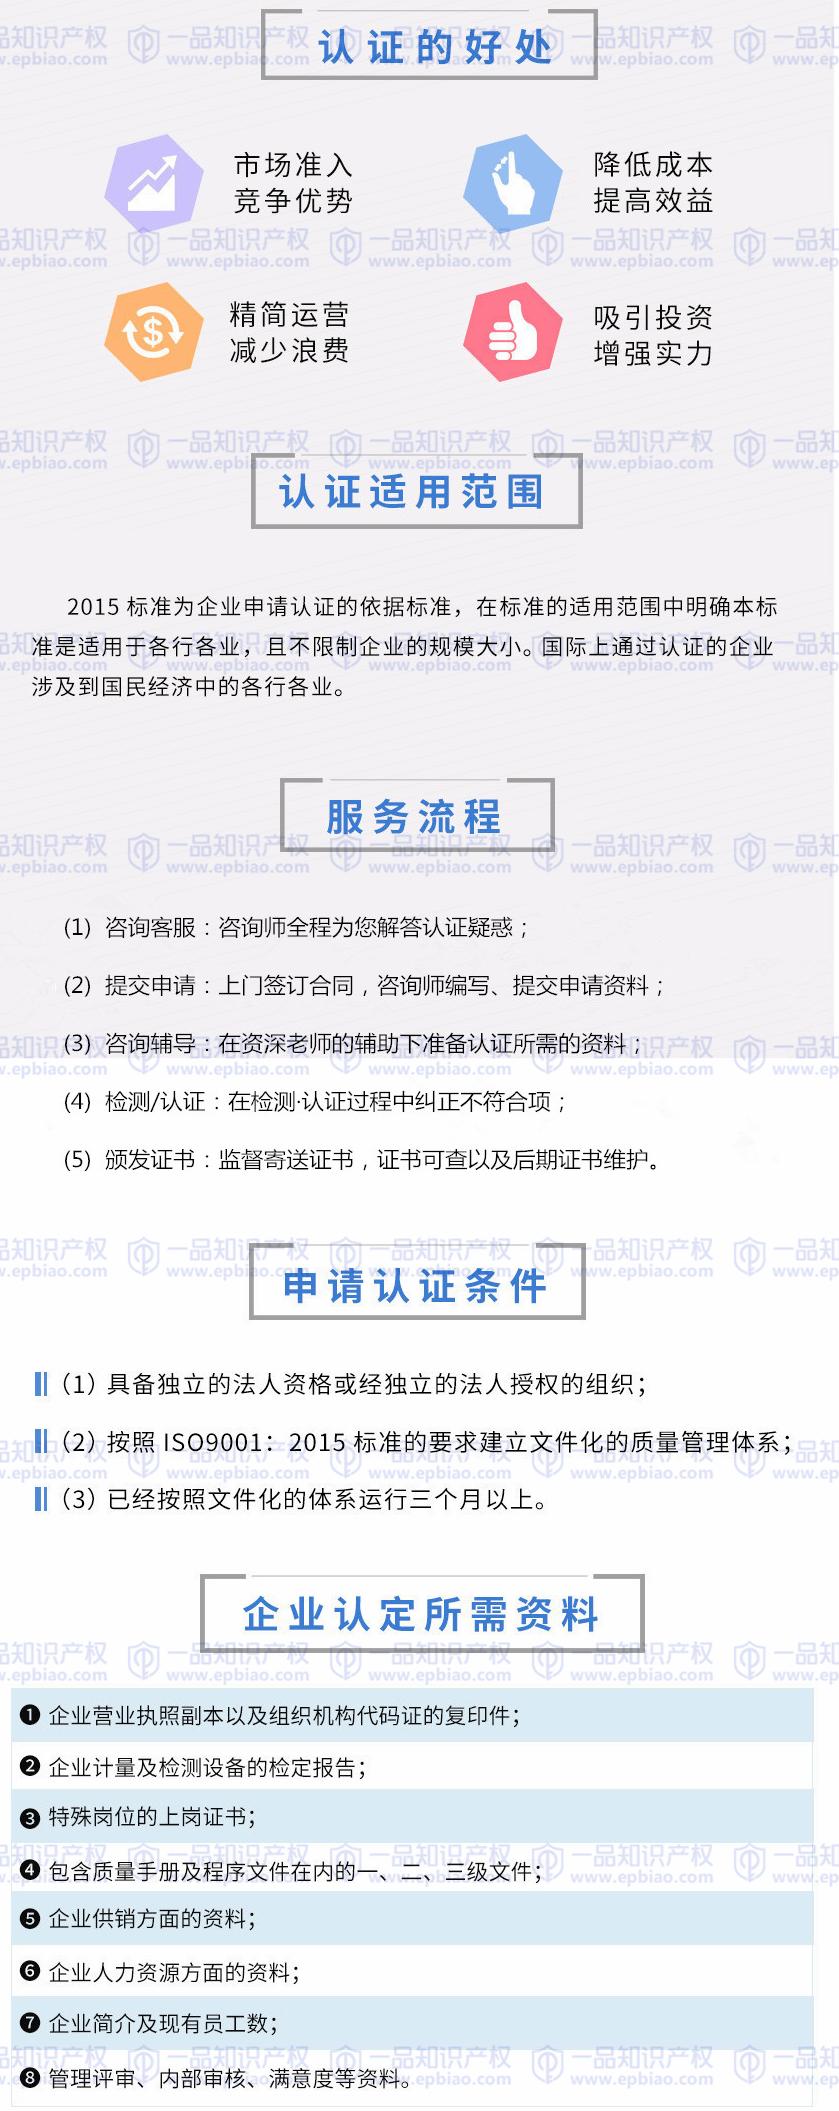 南通ISO9001认证: ISO9001认证证书有效期多久